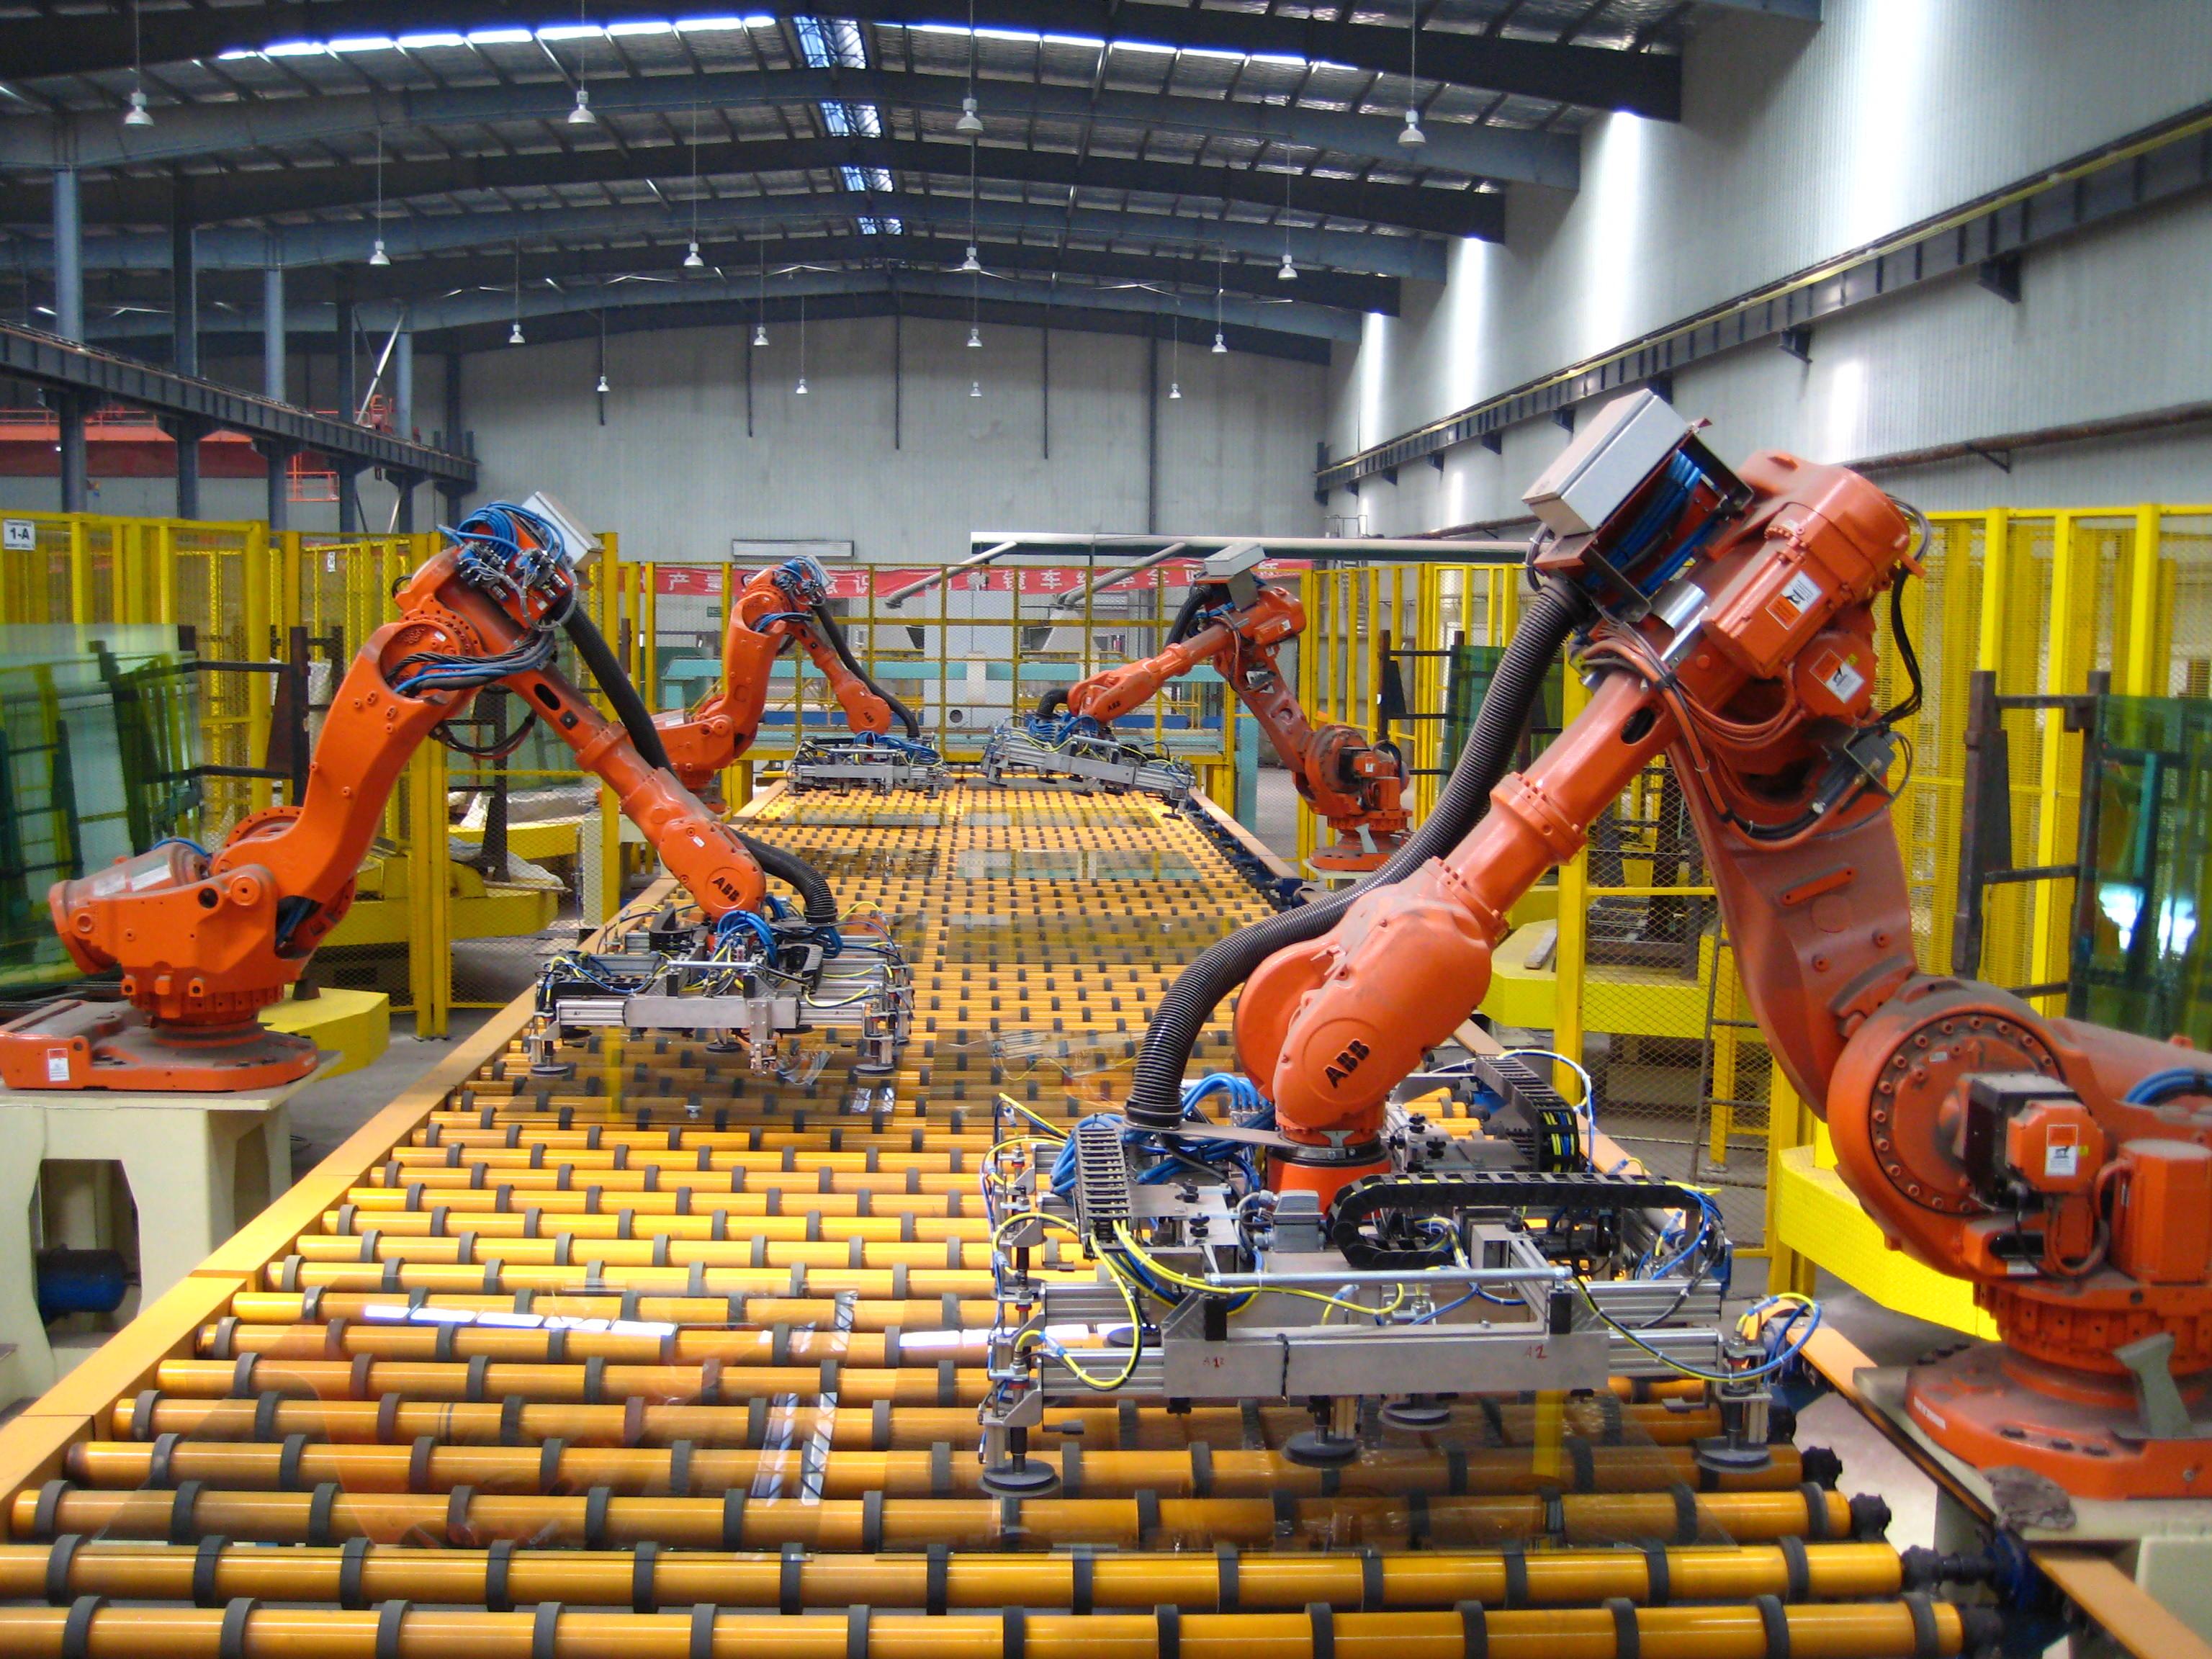 Industrie 4.0 – Was ist das eigentlich und welche Auswirkungen auf Arbeitsplätze sind zu erwarten?